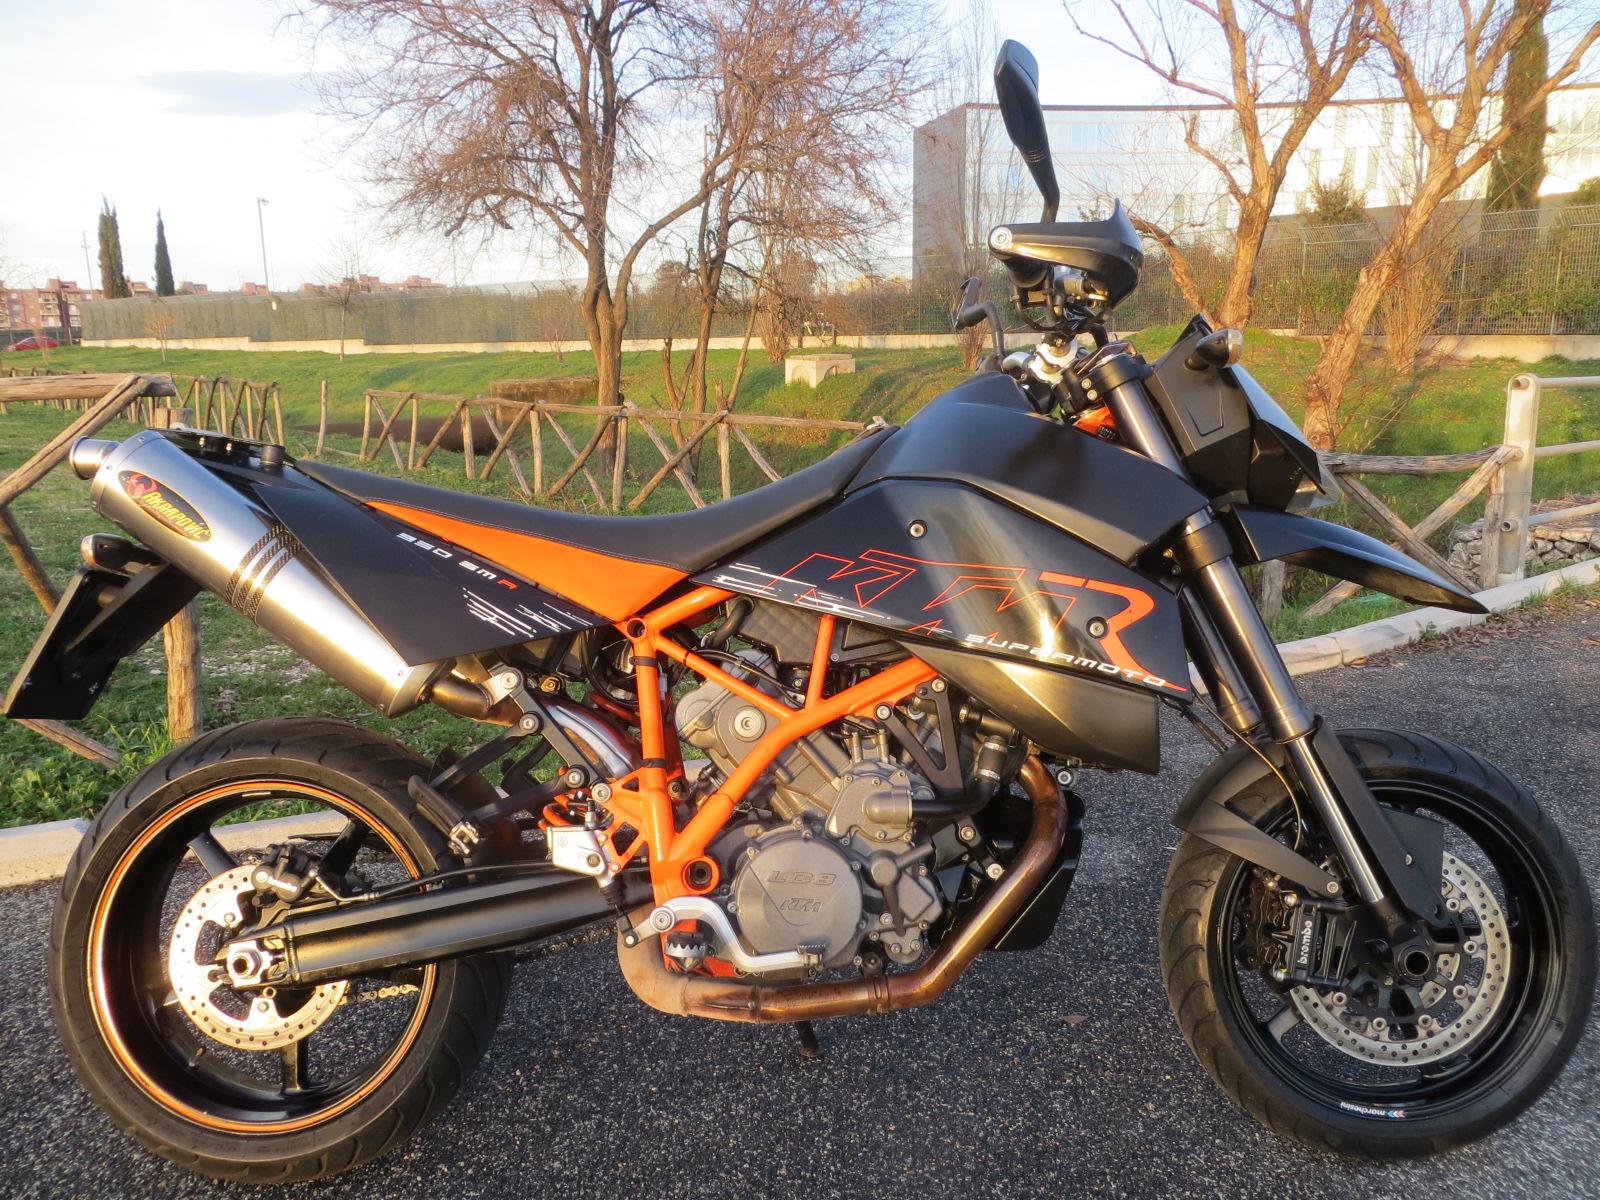 Ktm Ktm 950 Supermoto Naked